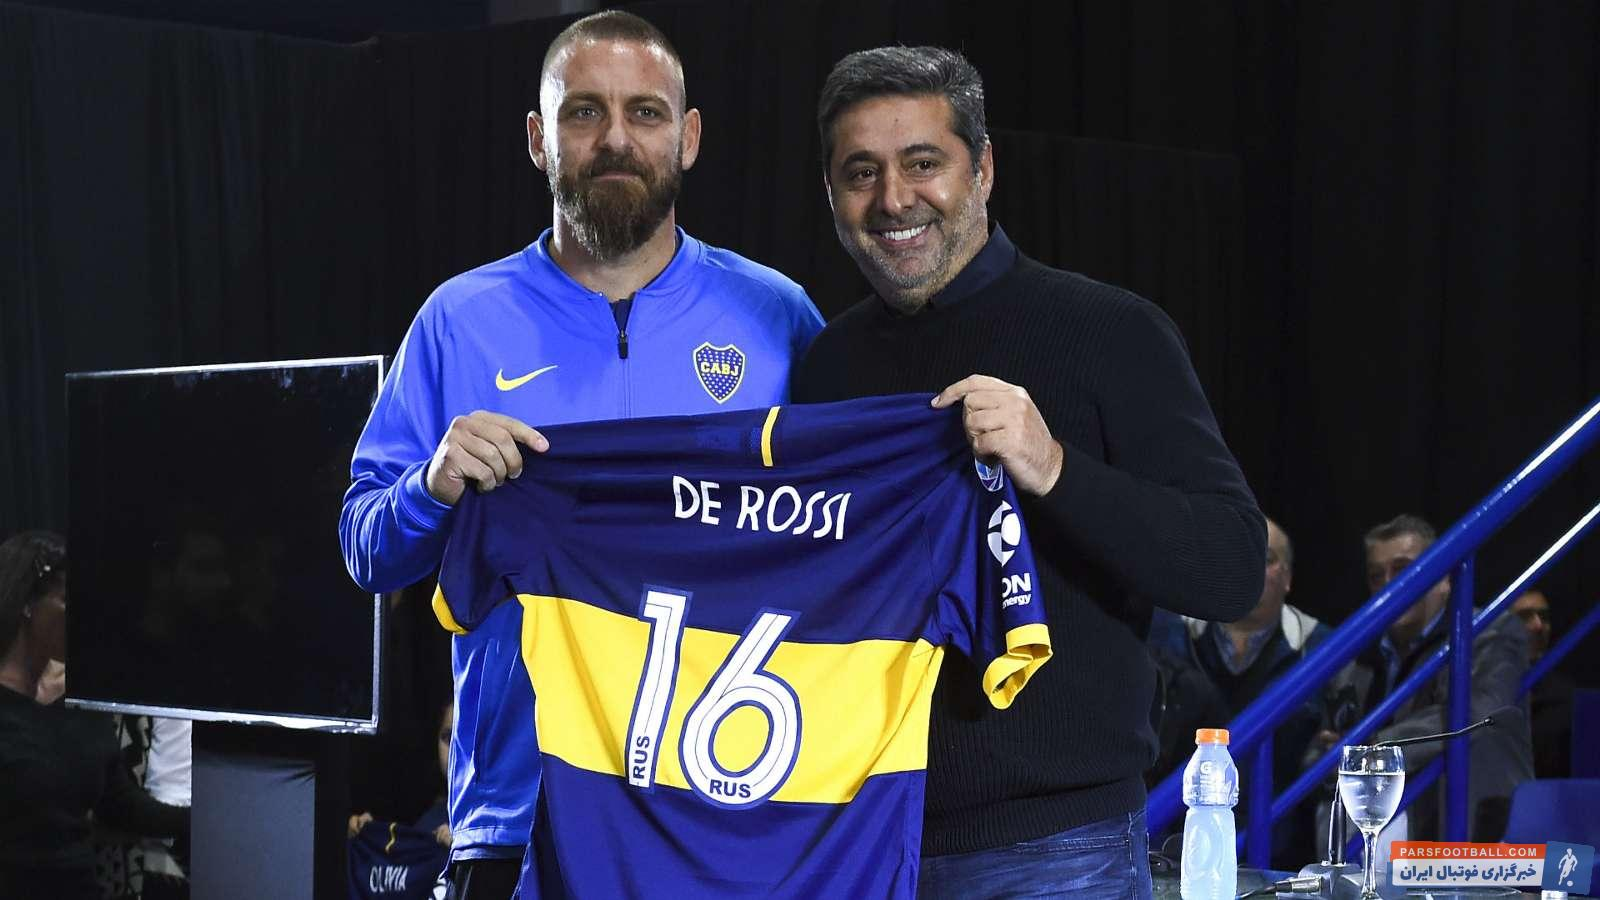 باشگاه آرژانتینی بوکا جونیورز، دانیله دهروسی ، ستاره سابق و محبوب باشگاه رم را به عنوان بازیکن جدید خود به رسانهها معرفی کرد.